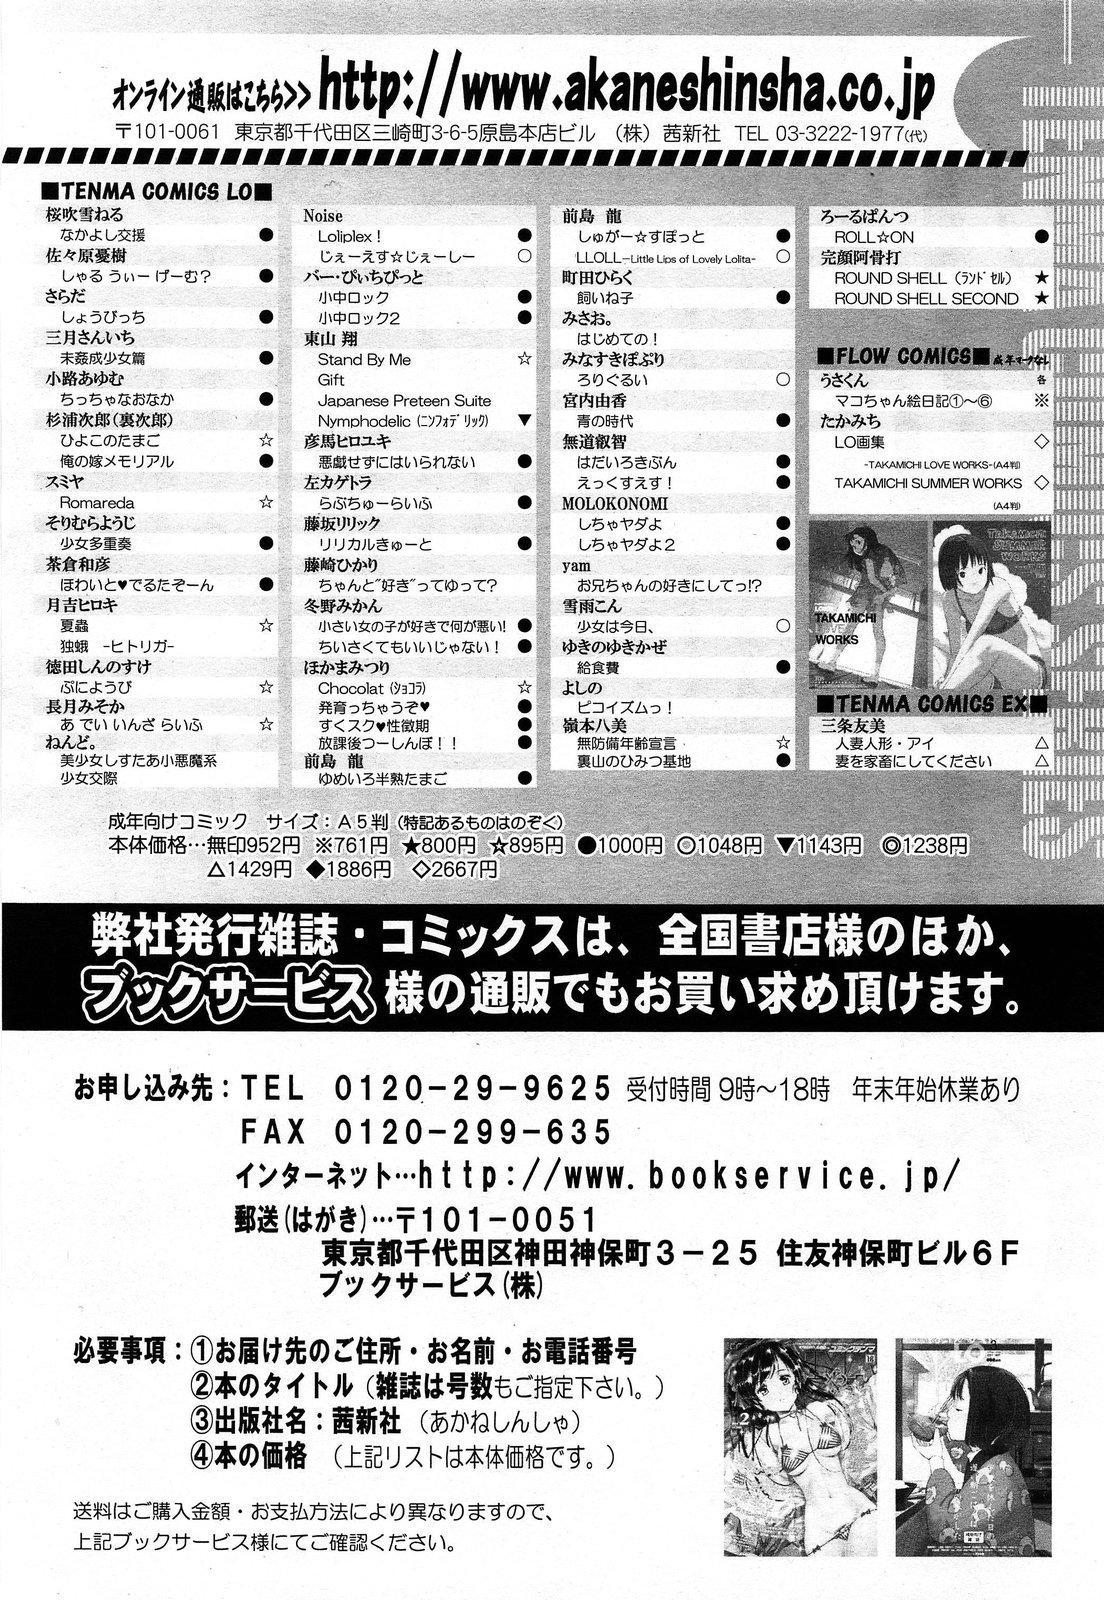 Juicy No. 5 2014-04 303